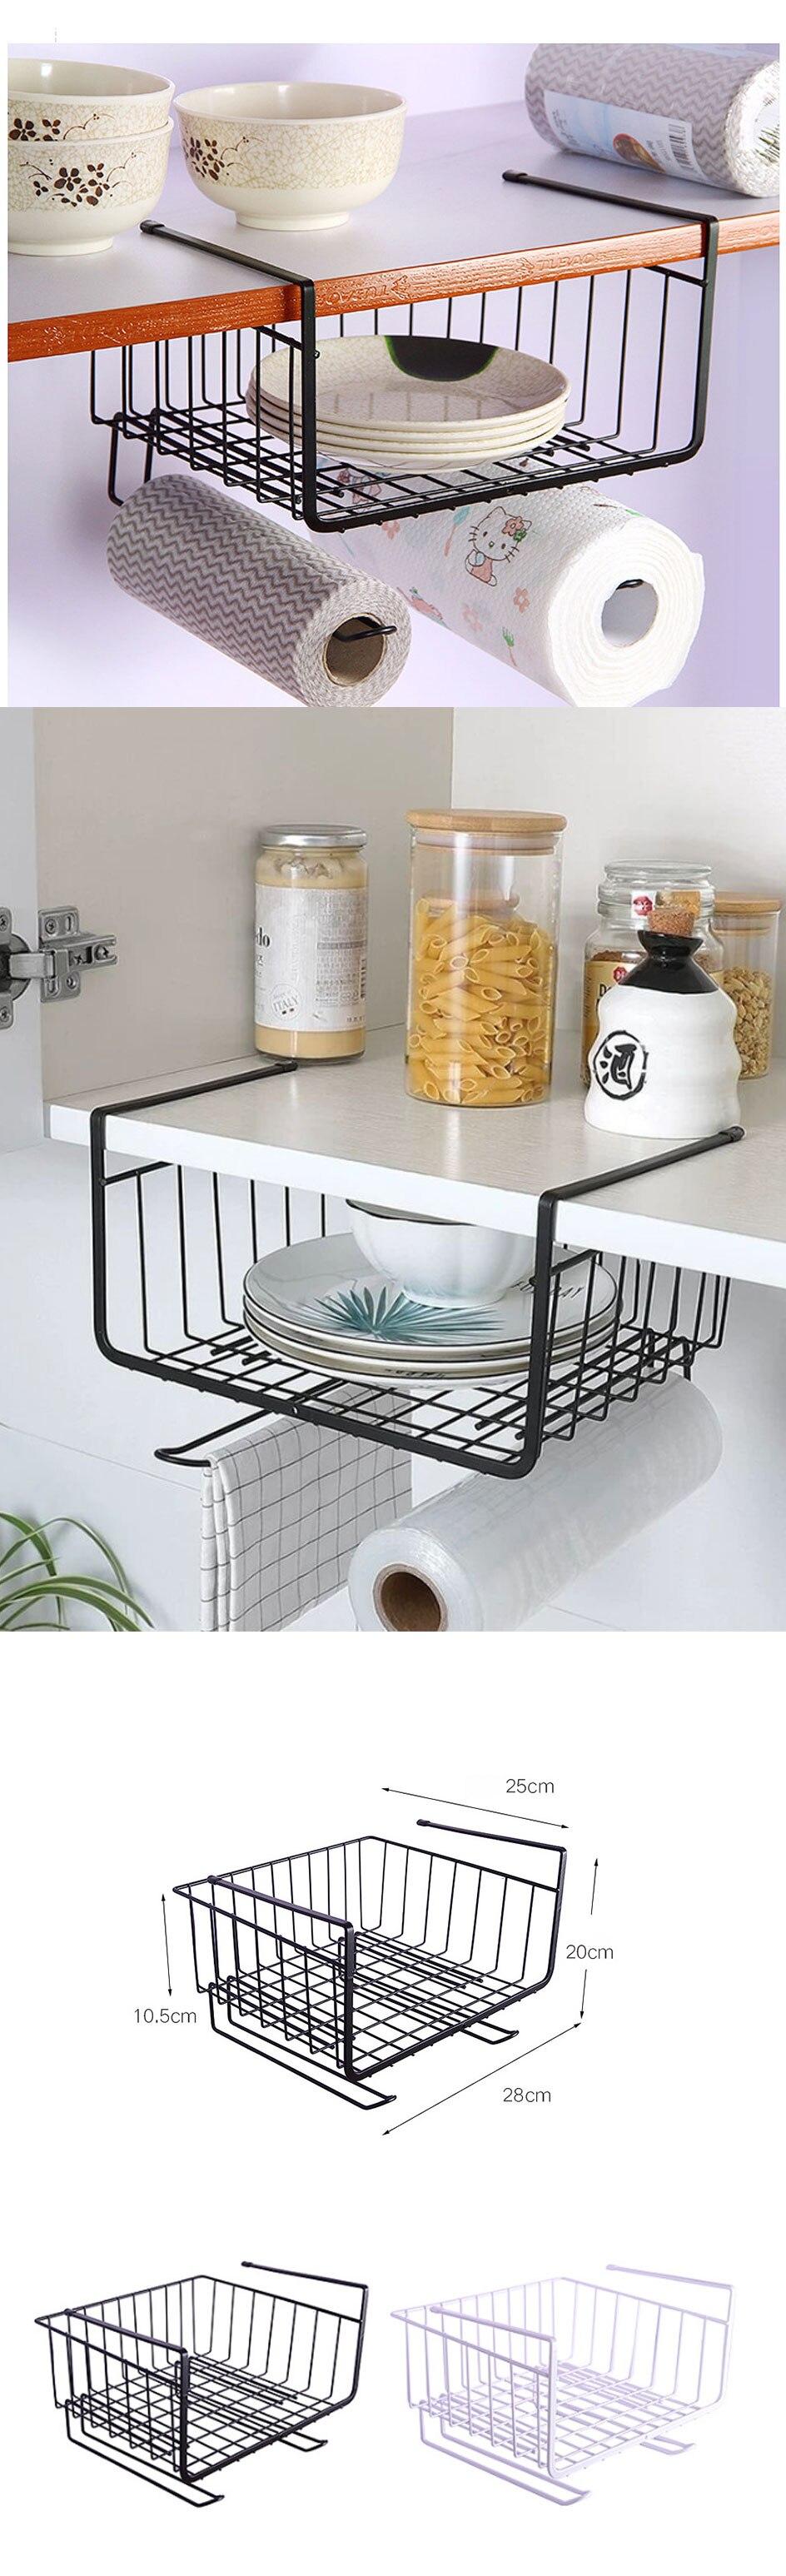 Under Cabinet Organizer Shelf Hanging Storage Baskets